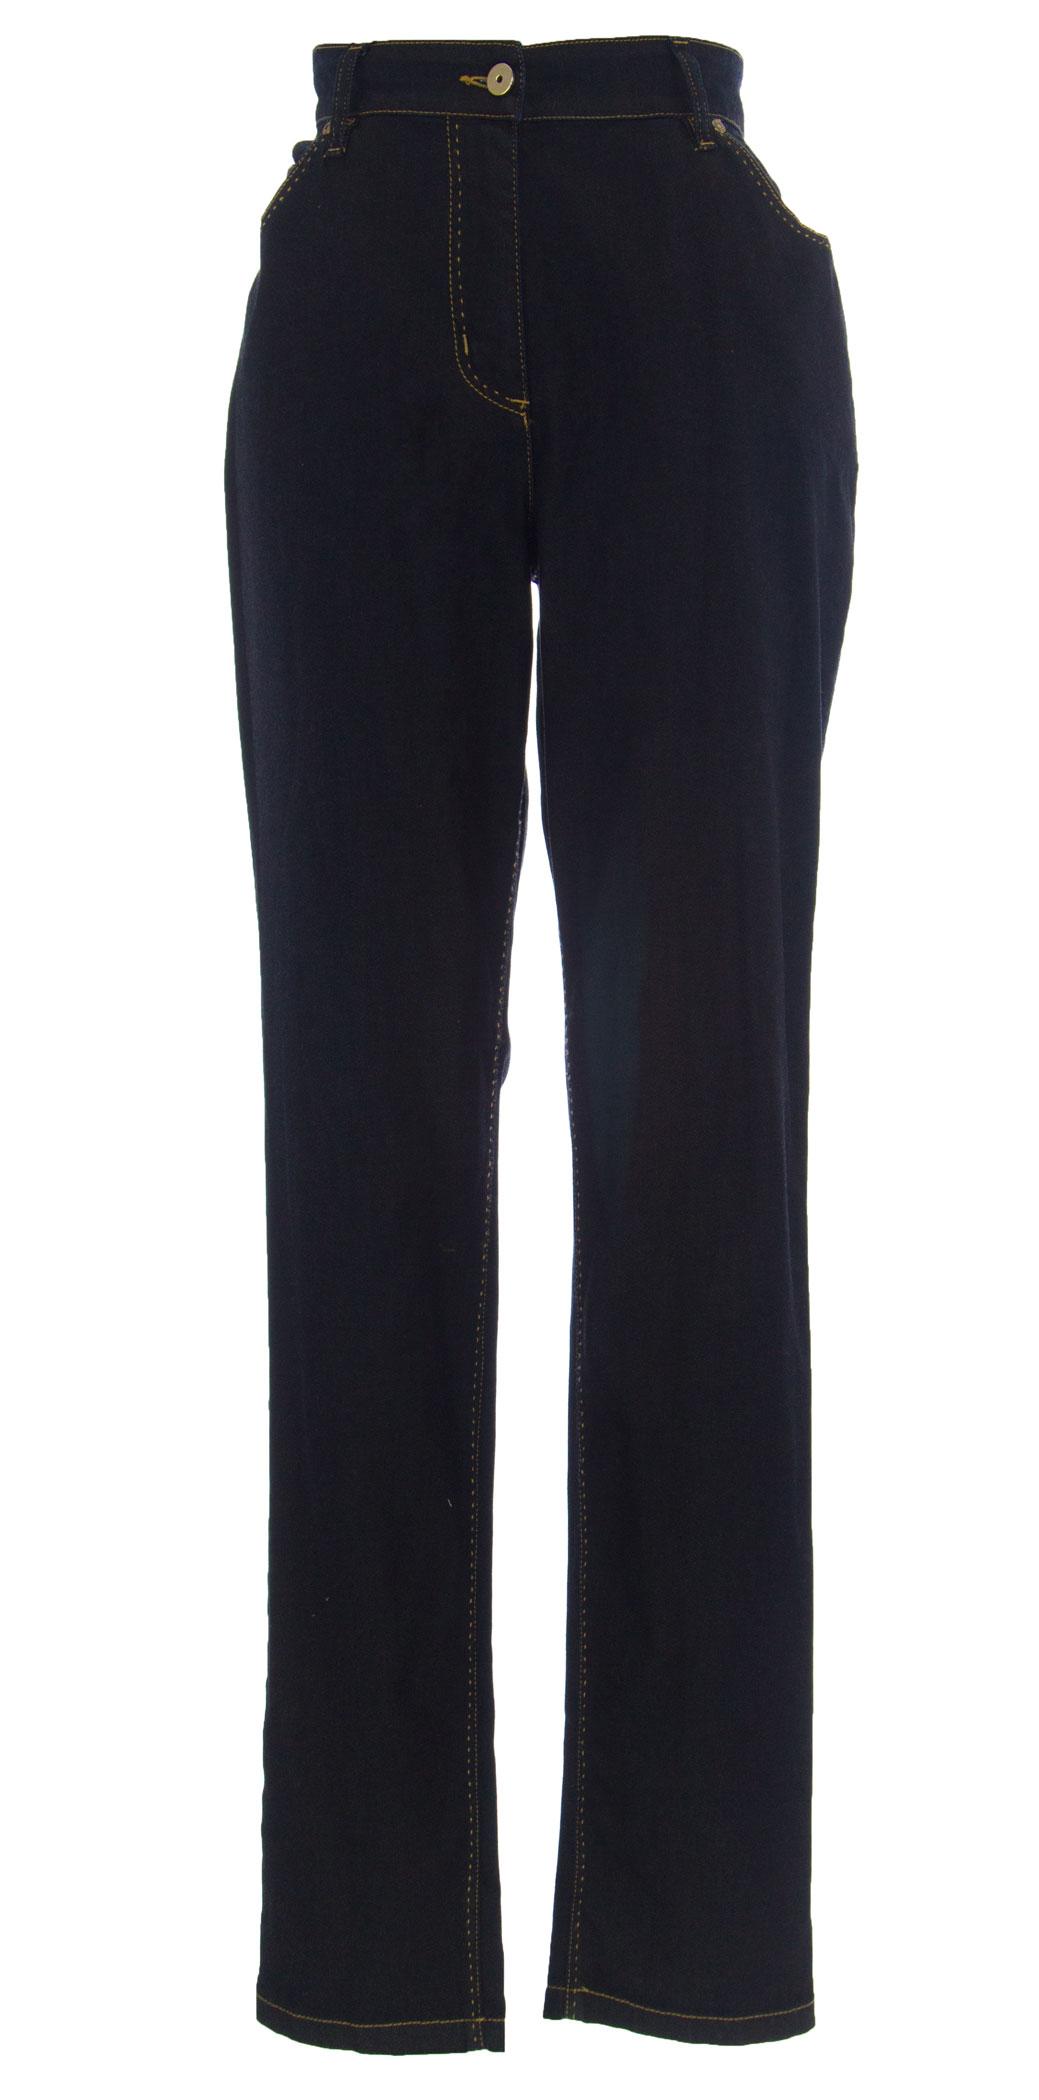 Marina Rinaldi By Maxmara Wane Dunkle Waschung Hautenge Jeans 22w